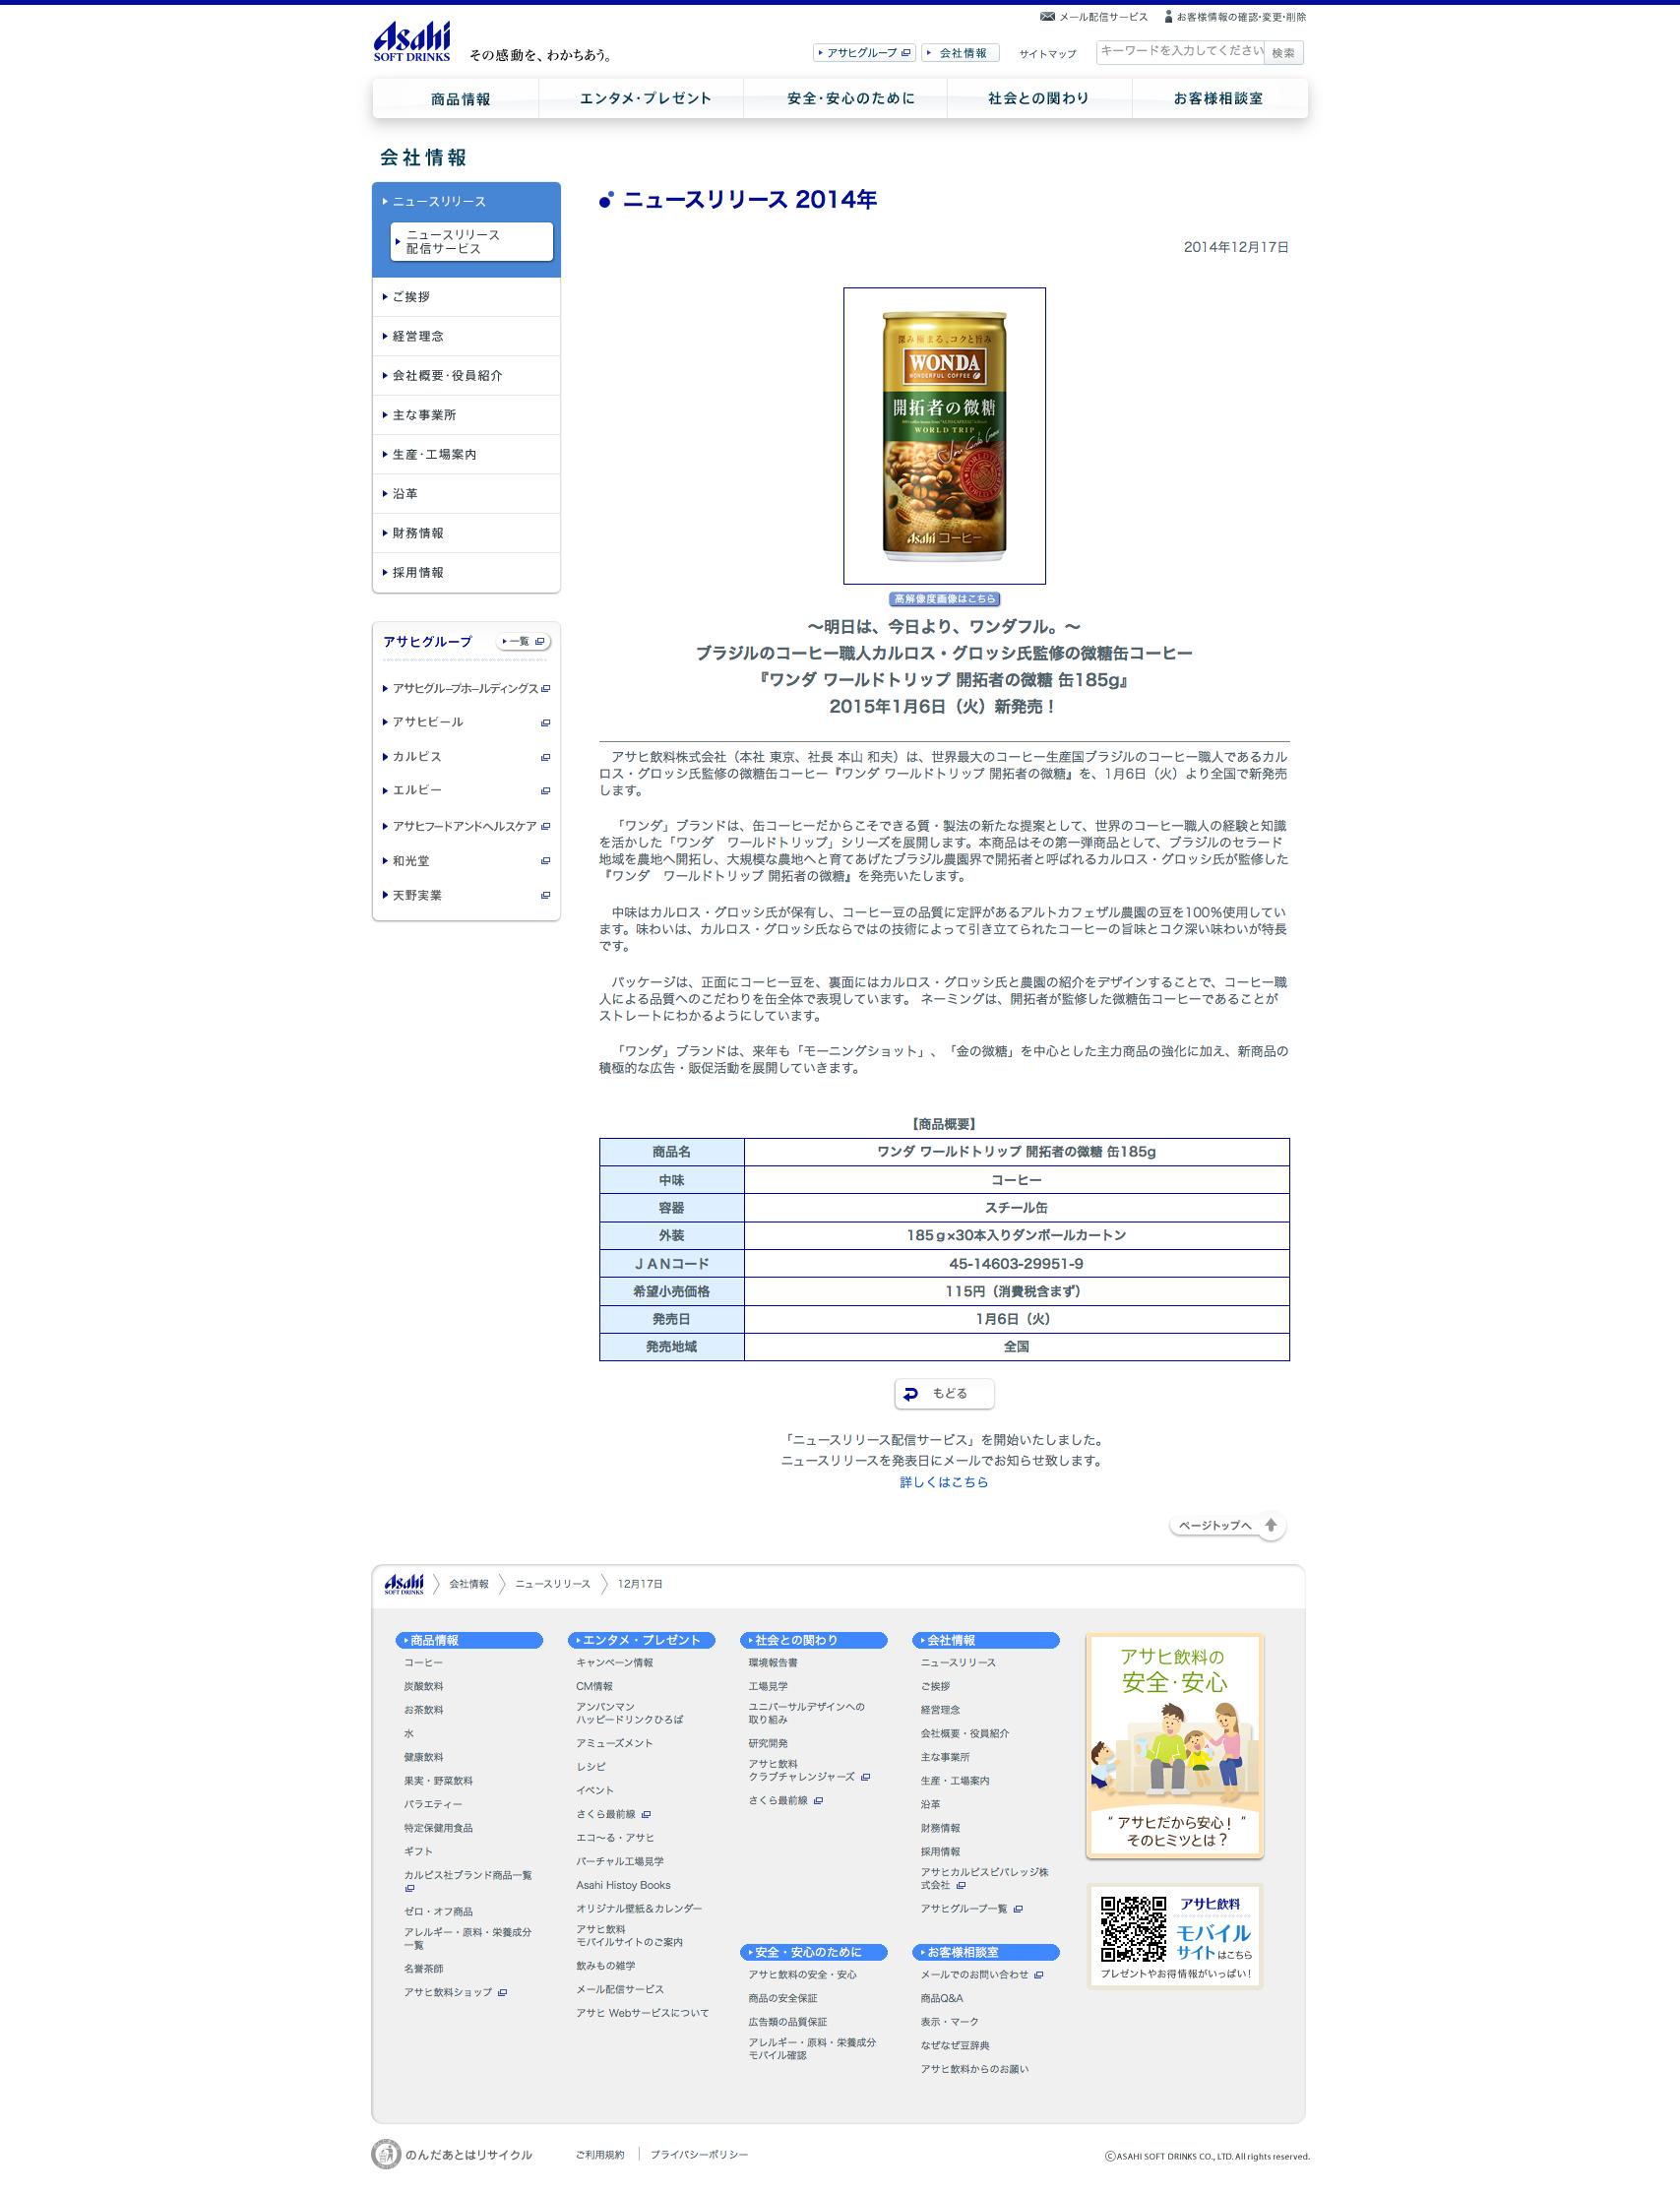 「ワンダ ワールドトリップ 開拓者の微糖」新発売|ニュースリリース 2014年|会社情報|アサヒ飲料